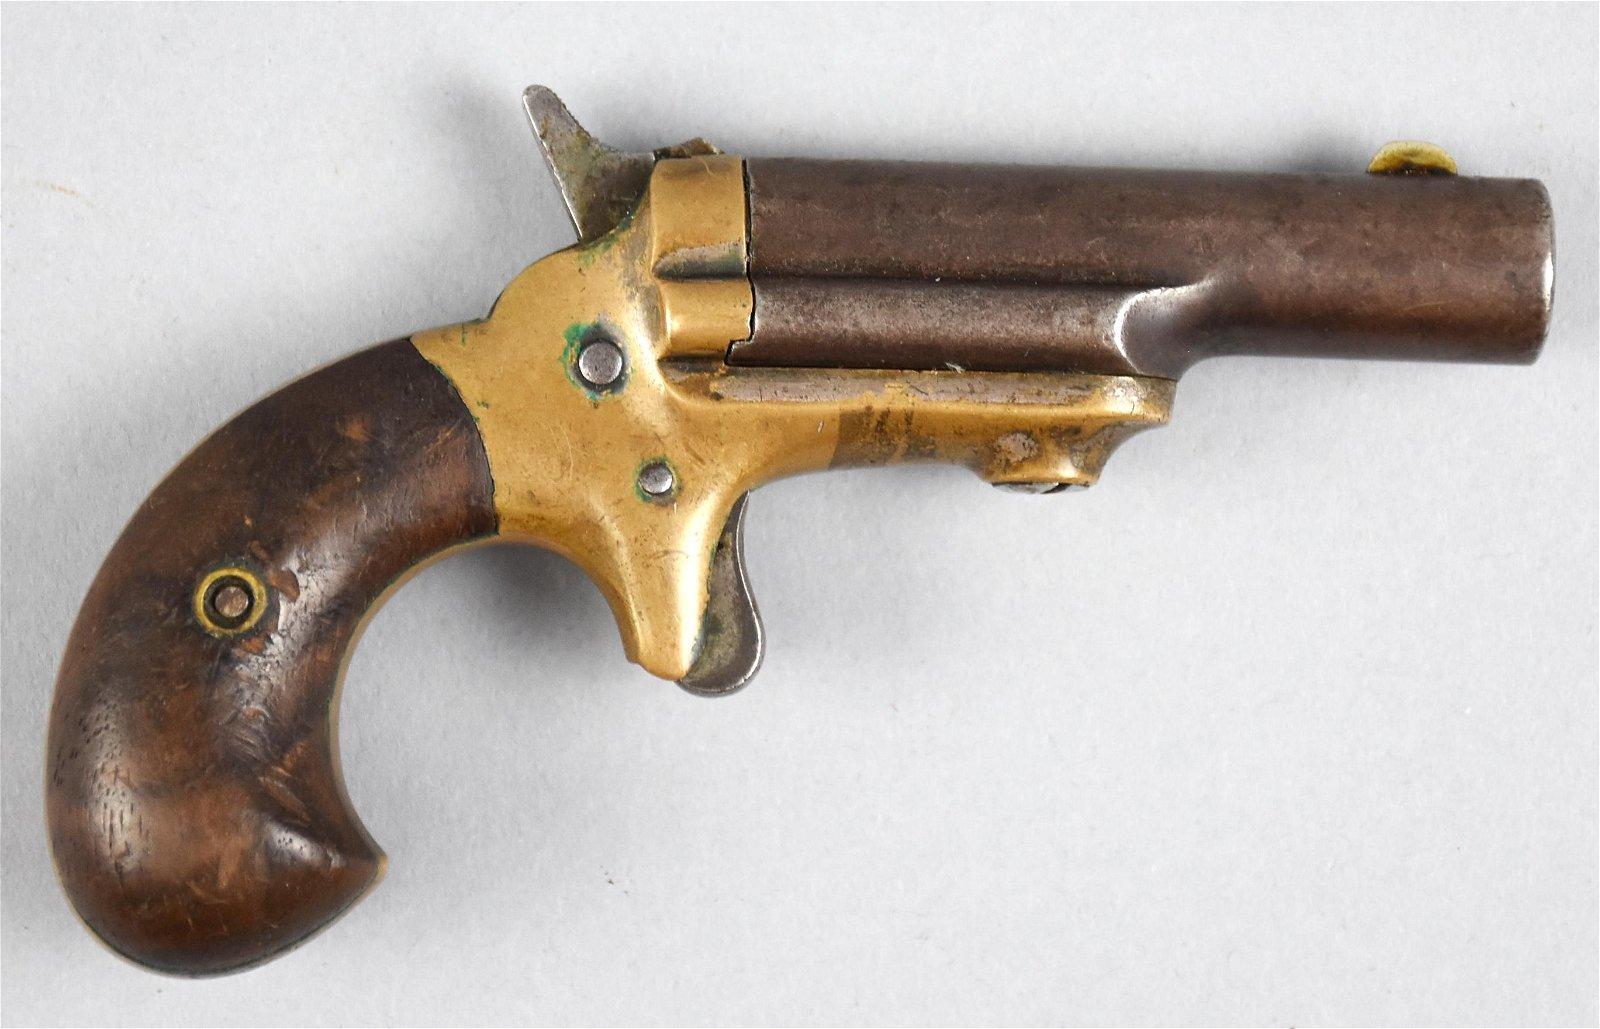 Antique Colt 3rd Model Derringer Pistol